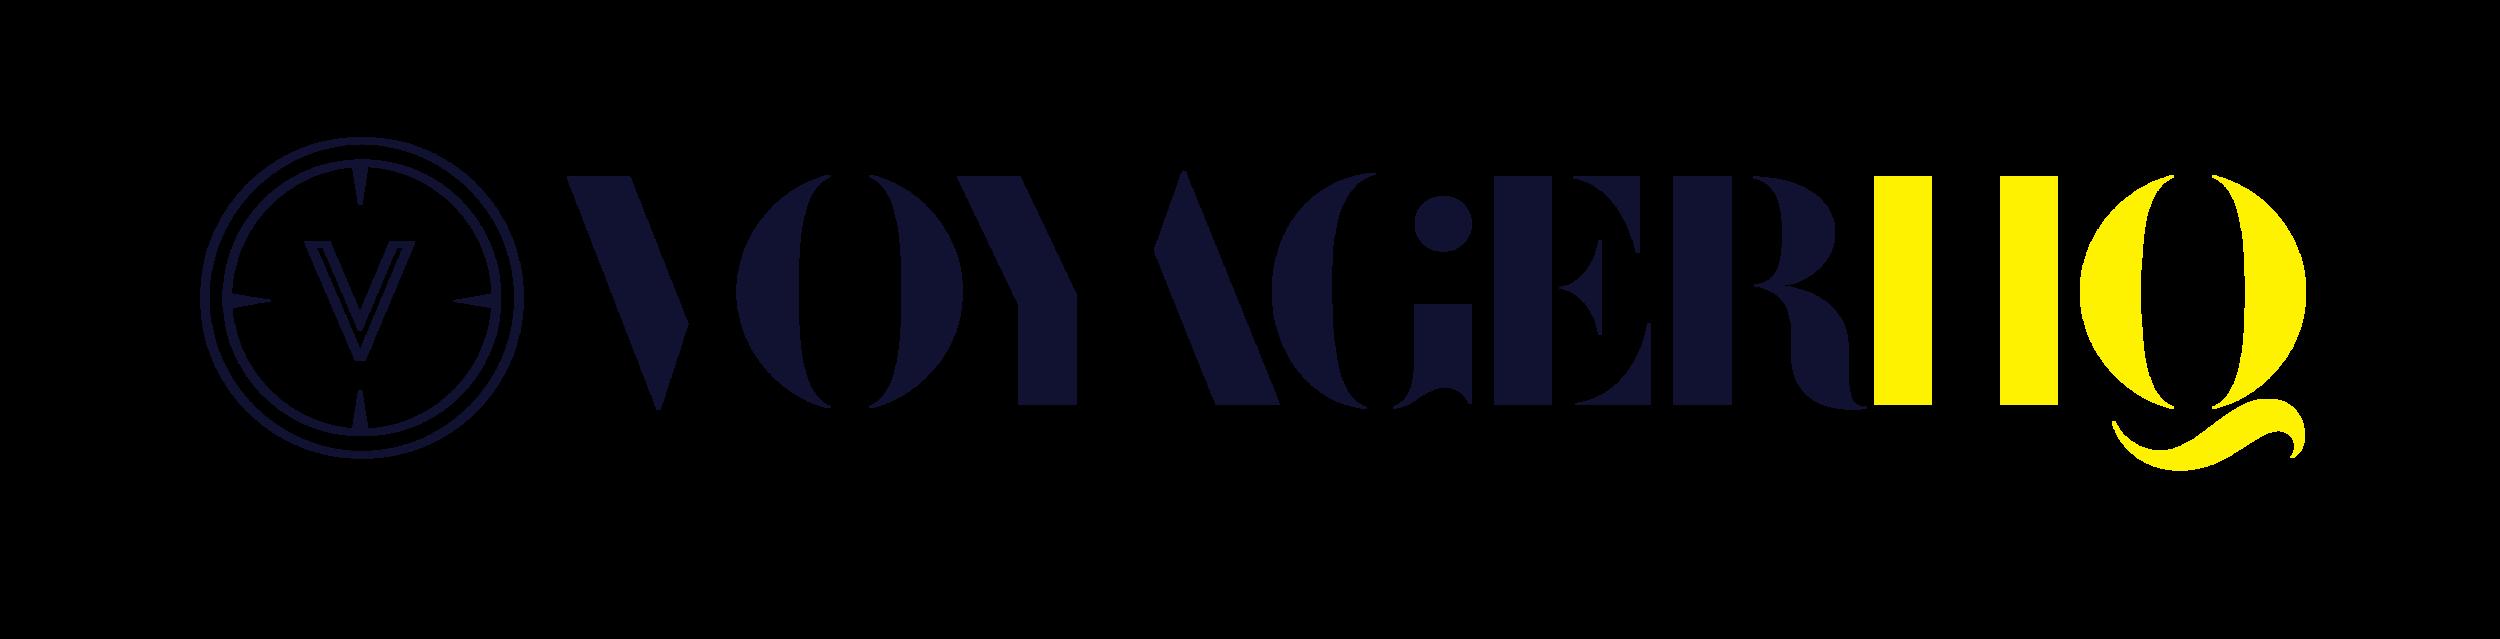 logo vhq.png